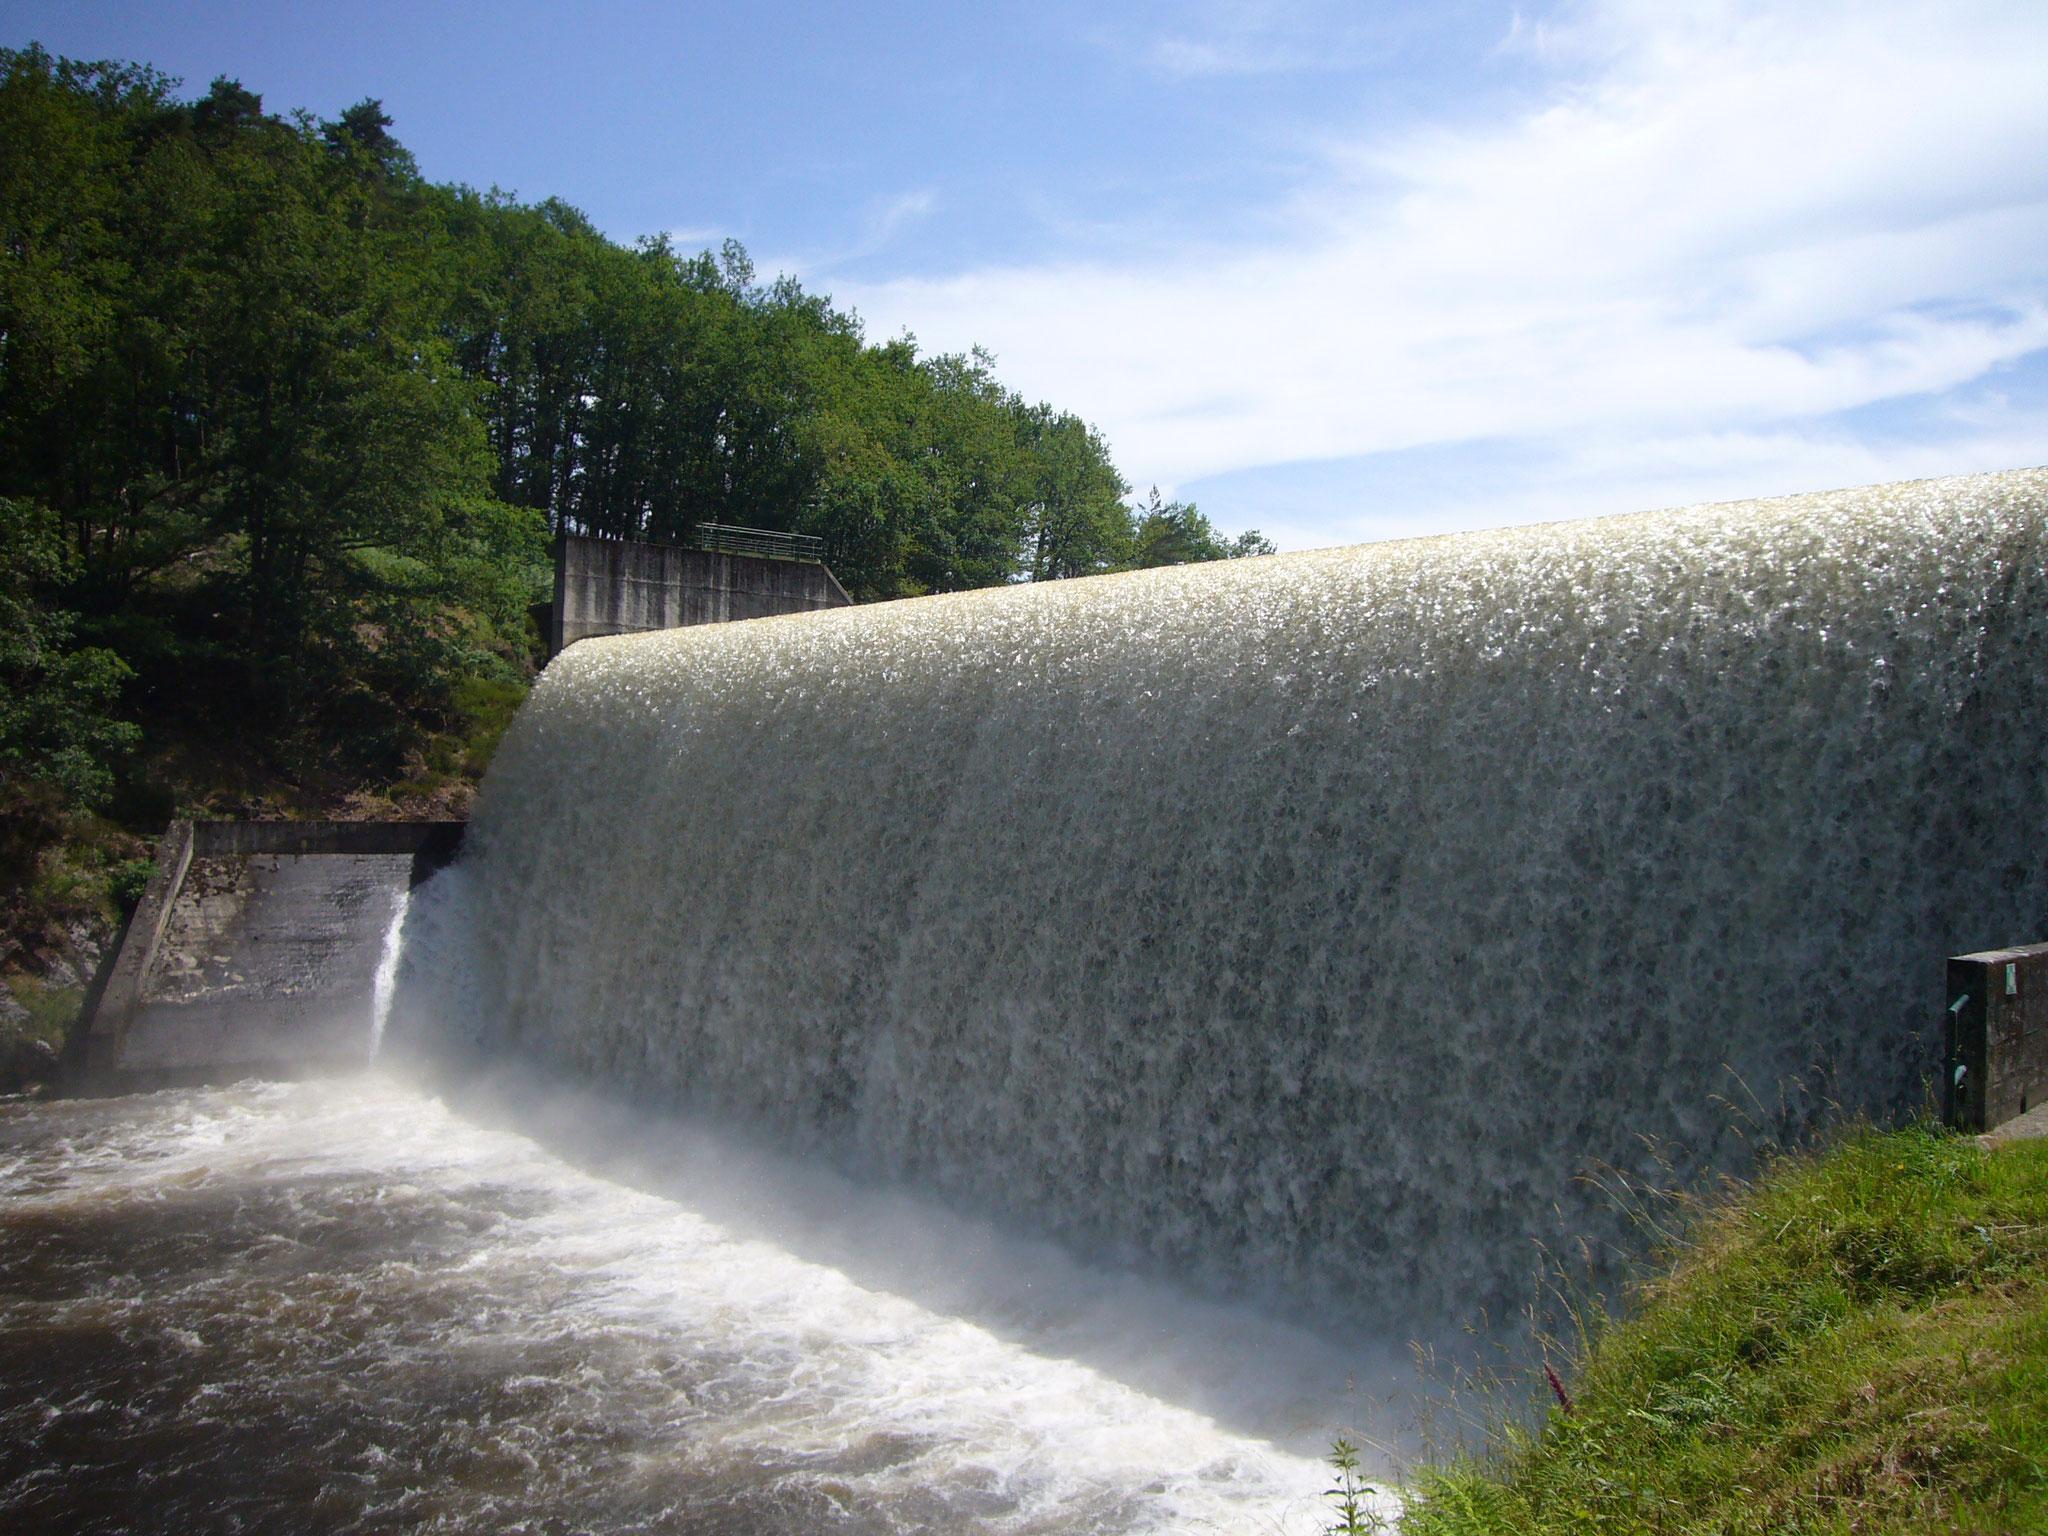 Le barrage de Langleret (commune de Bujaleuf) est l'un des 7 construits sur la Maulde.